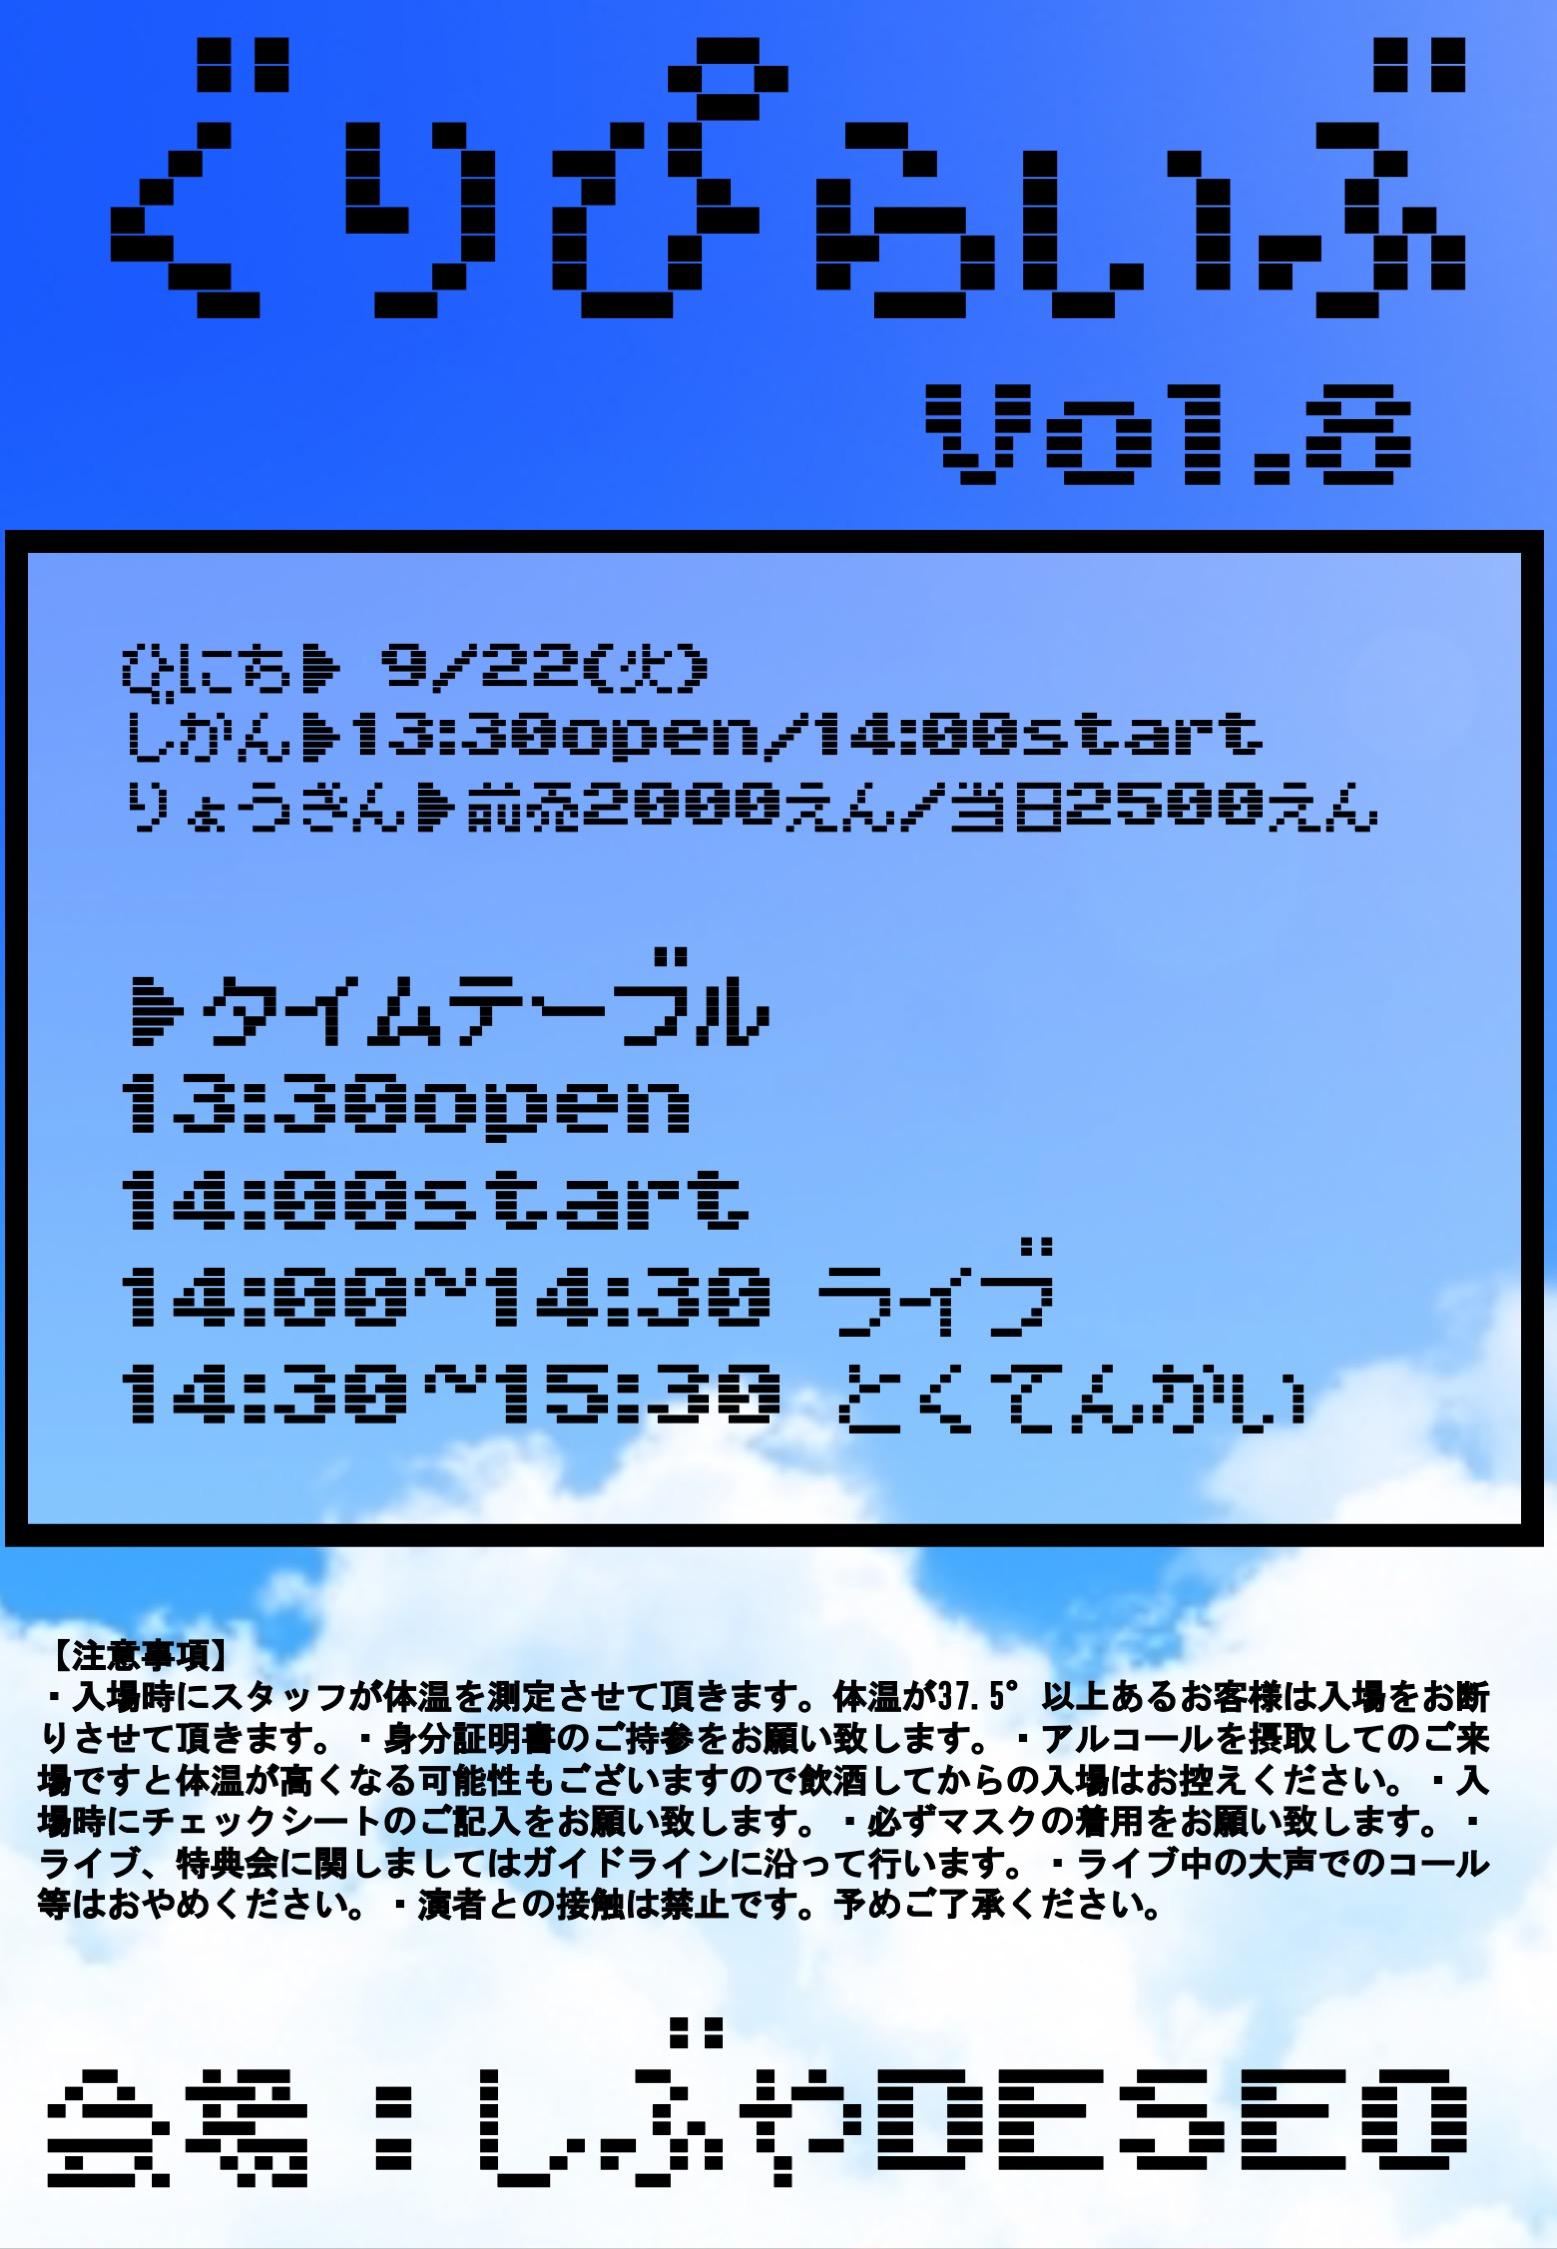 ぐりぴらいぶ Vol.8